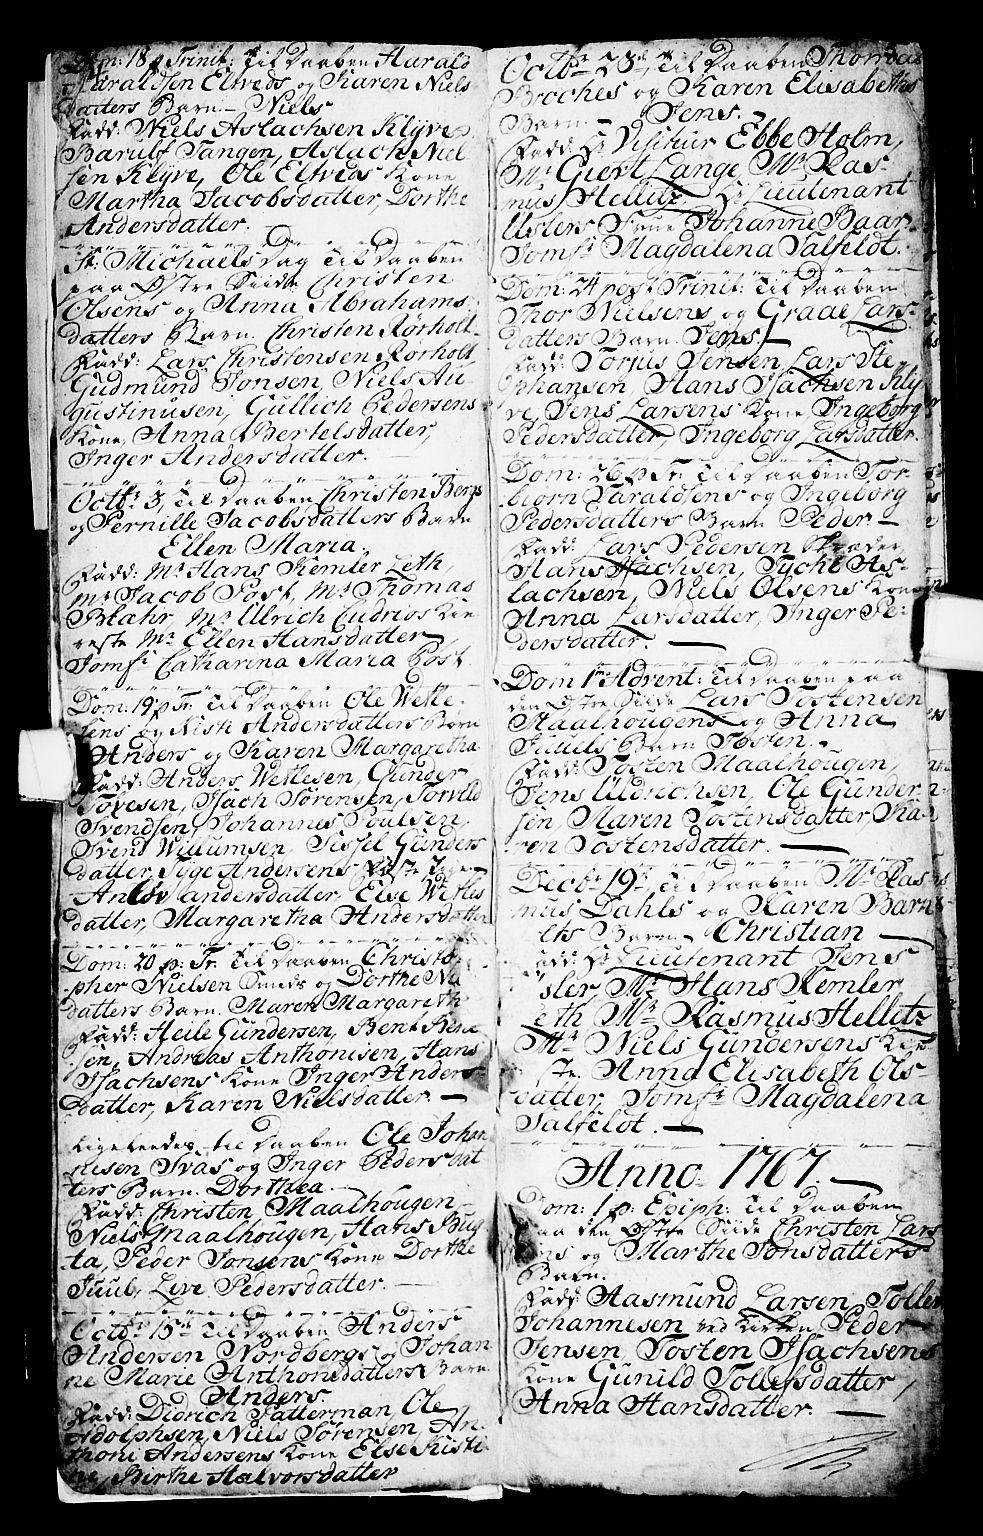 SAKO, Porsgrunn kirkebøker , G/Ga/L0001: Klokkerbok nr. I 1, 1766-1790, s. 4-5